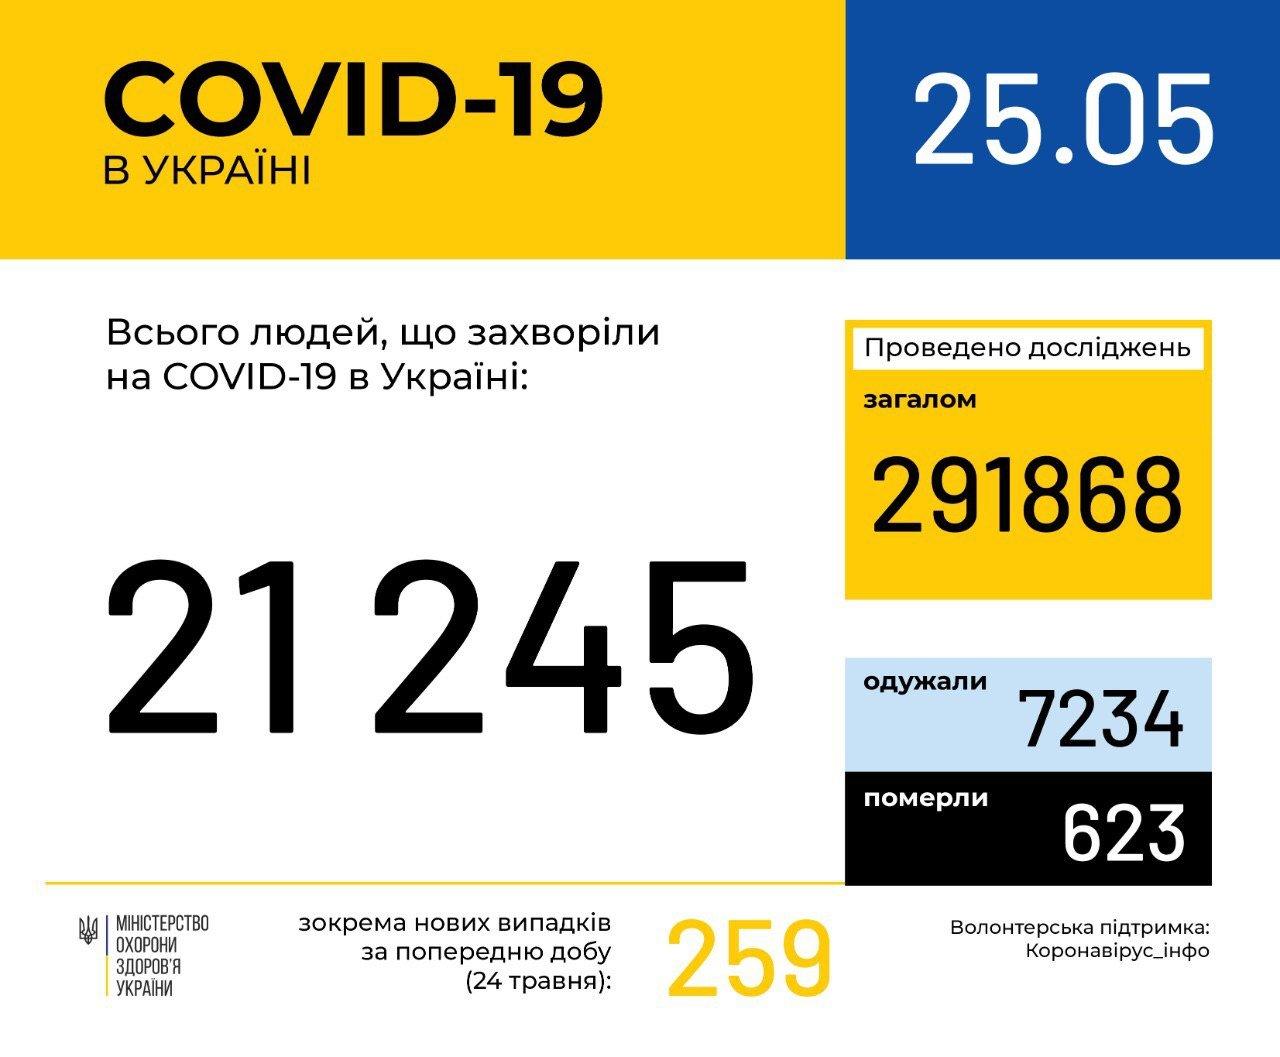 Количество инфицированных коронавирусом в Украине превысило 21 тысячу